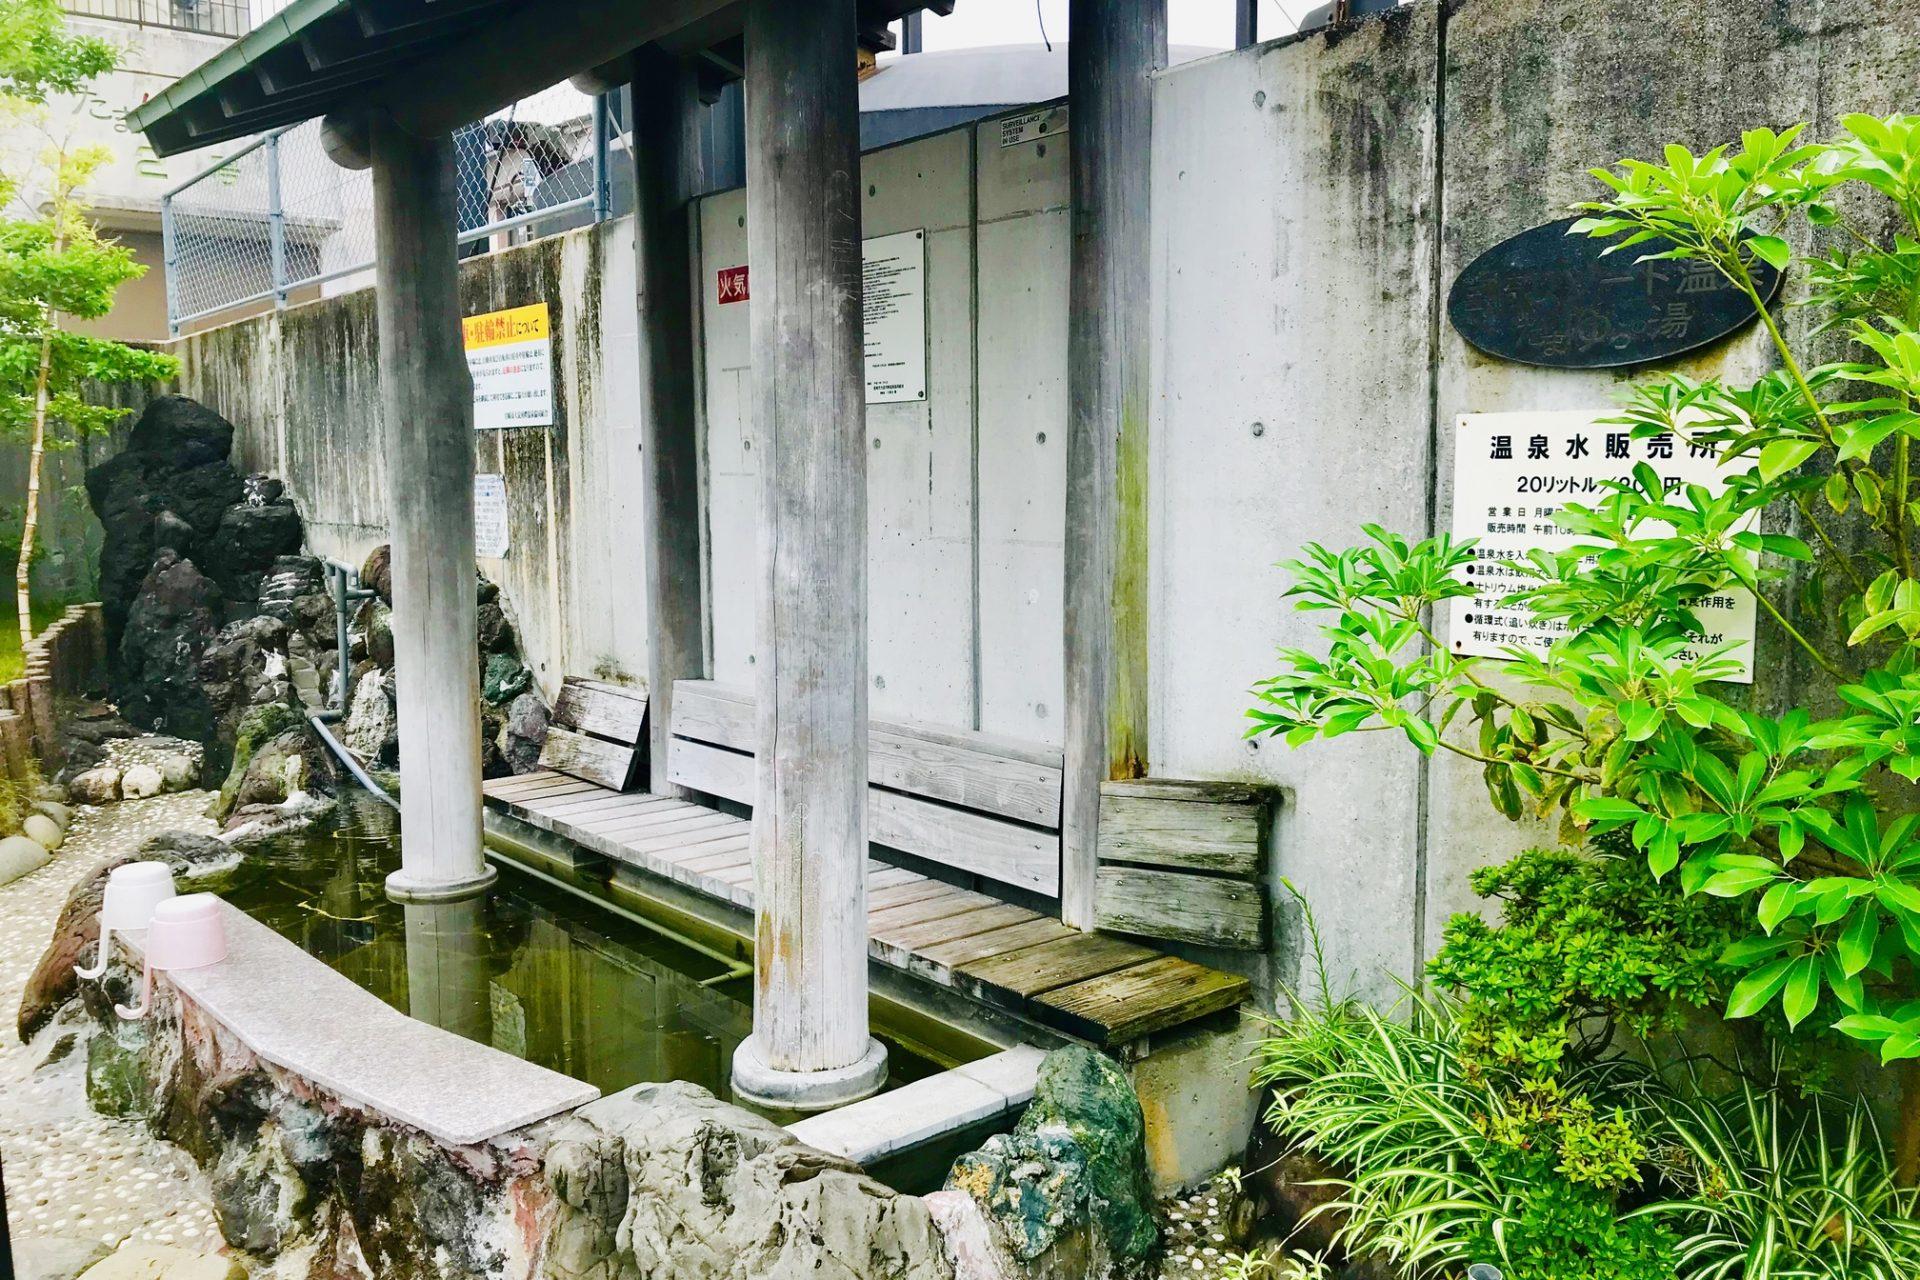 たまゆらの湯 無料 足湯 宮崎駅 大淀川 橘公園 ウォーキング コース さるく